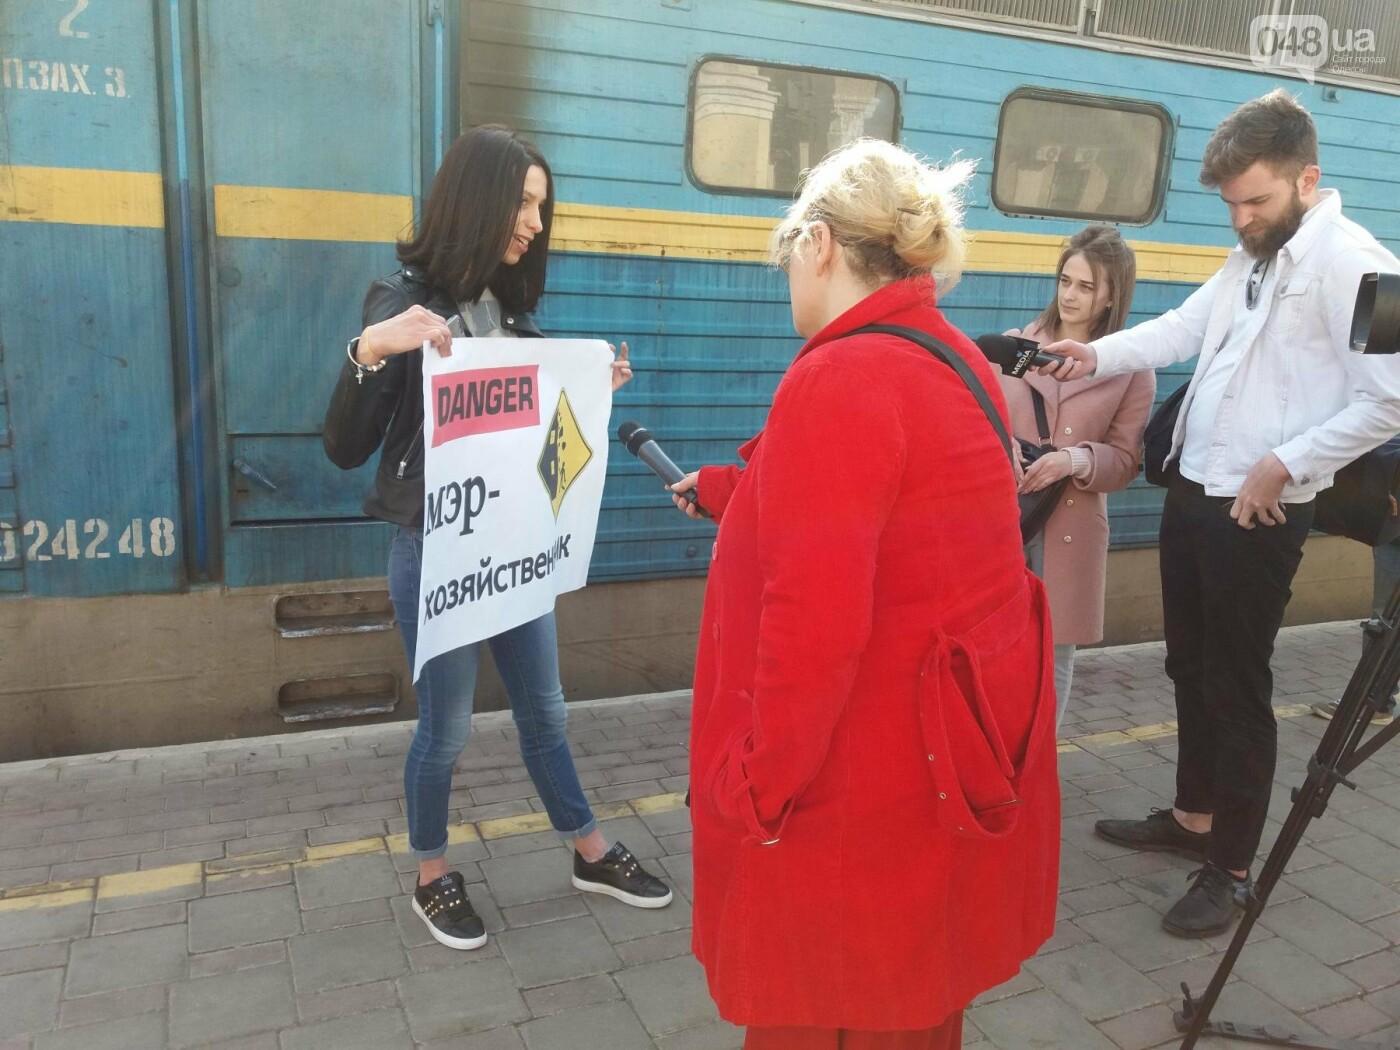 «Осторожно: мэр-хозяйственник» - в Одессе на вокзале туристам выдавали каски (ФОТО, ВИДЕО), фото-7